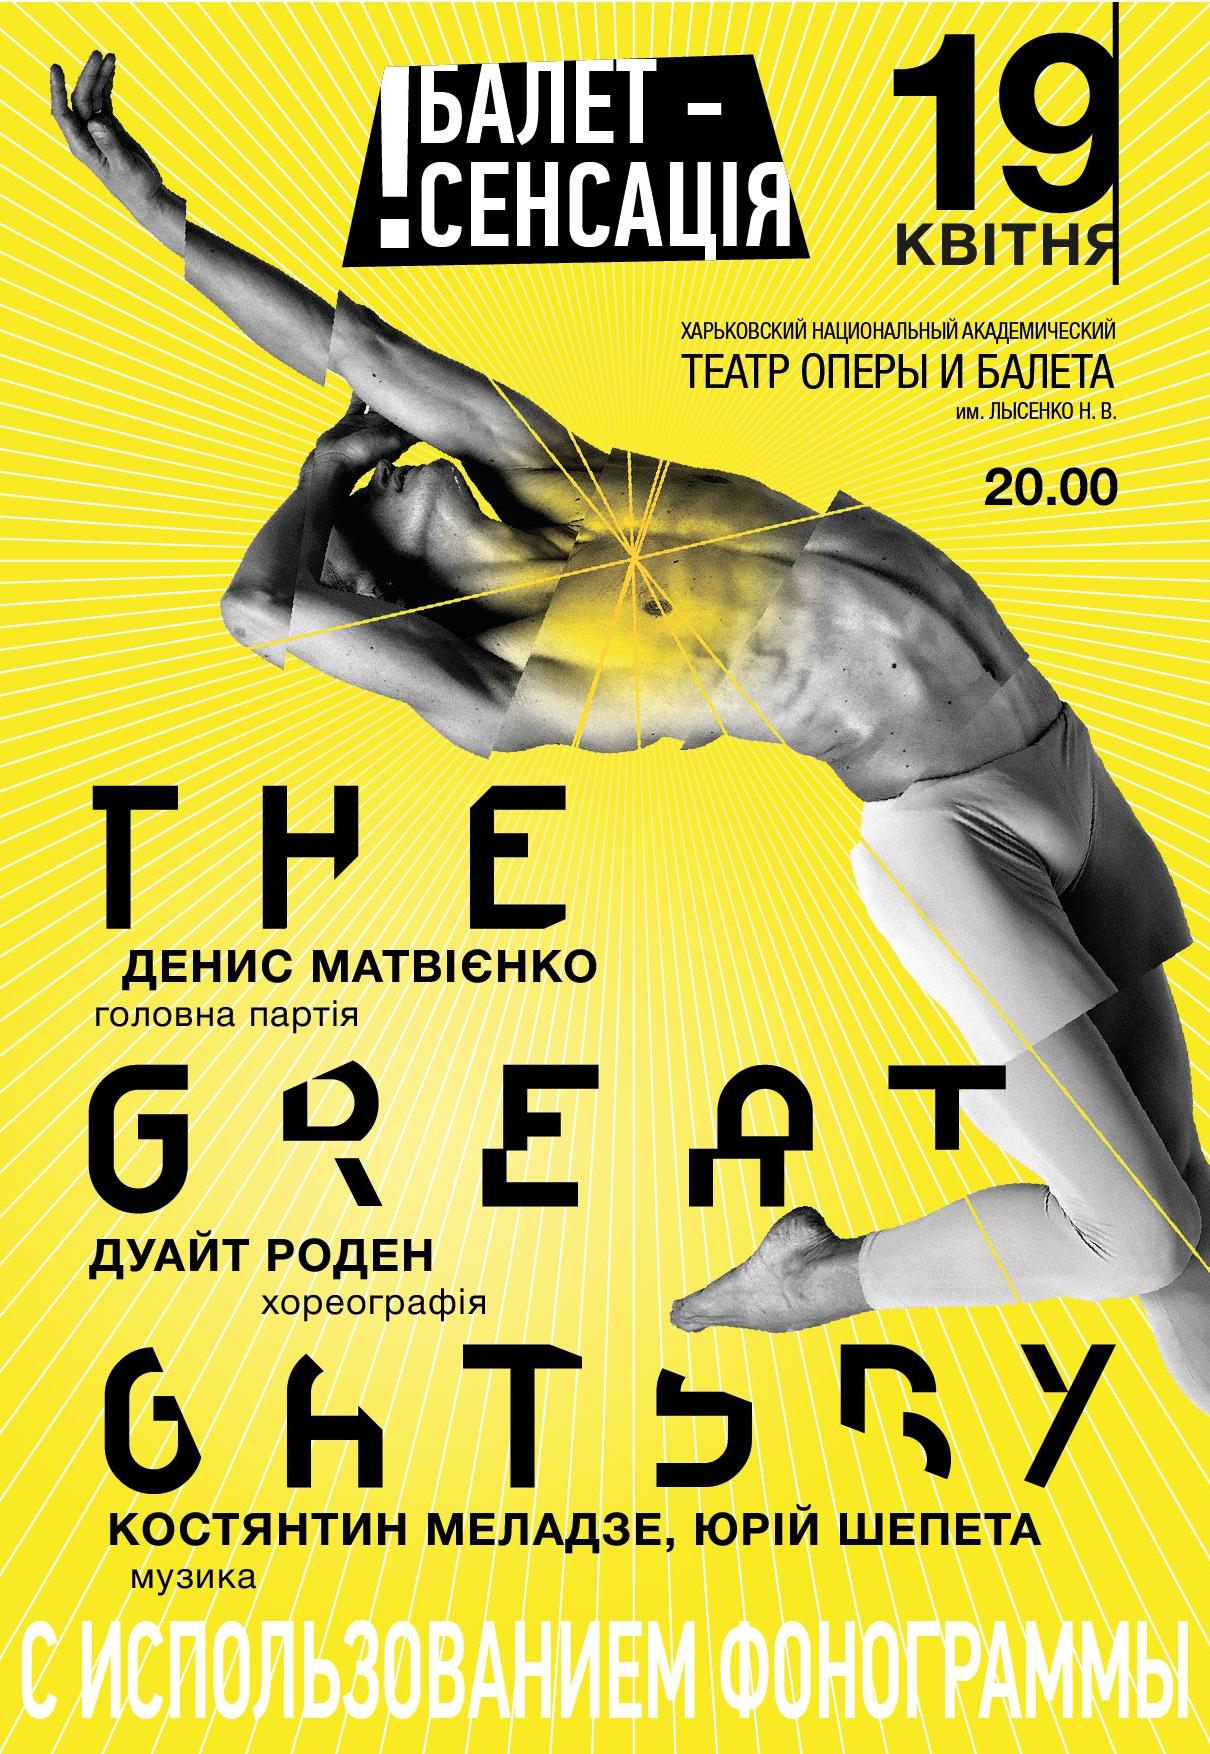 Купить электронный билет театр оперы и балета театр красноярска афиша